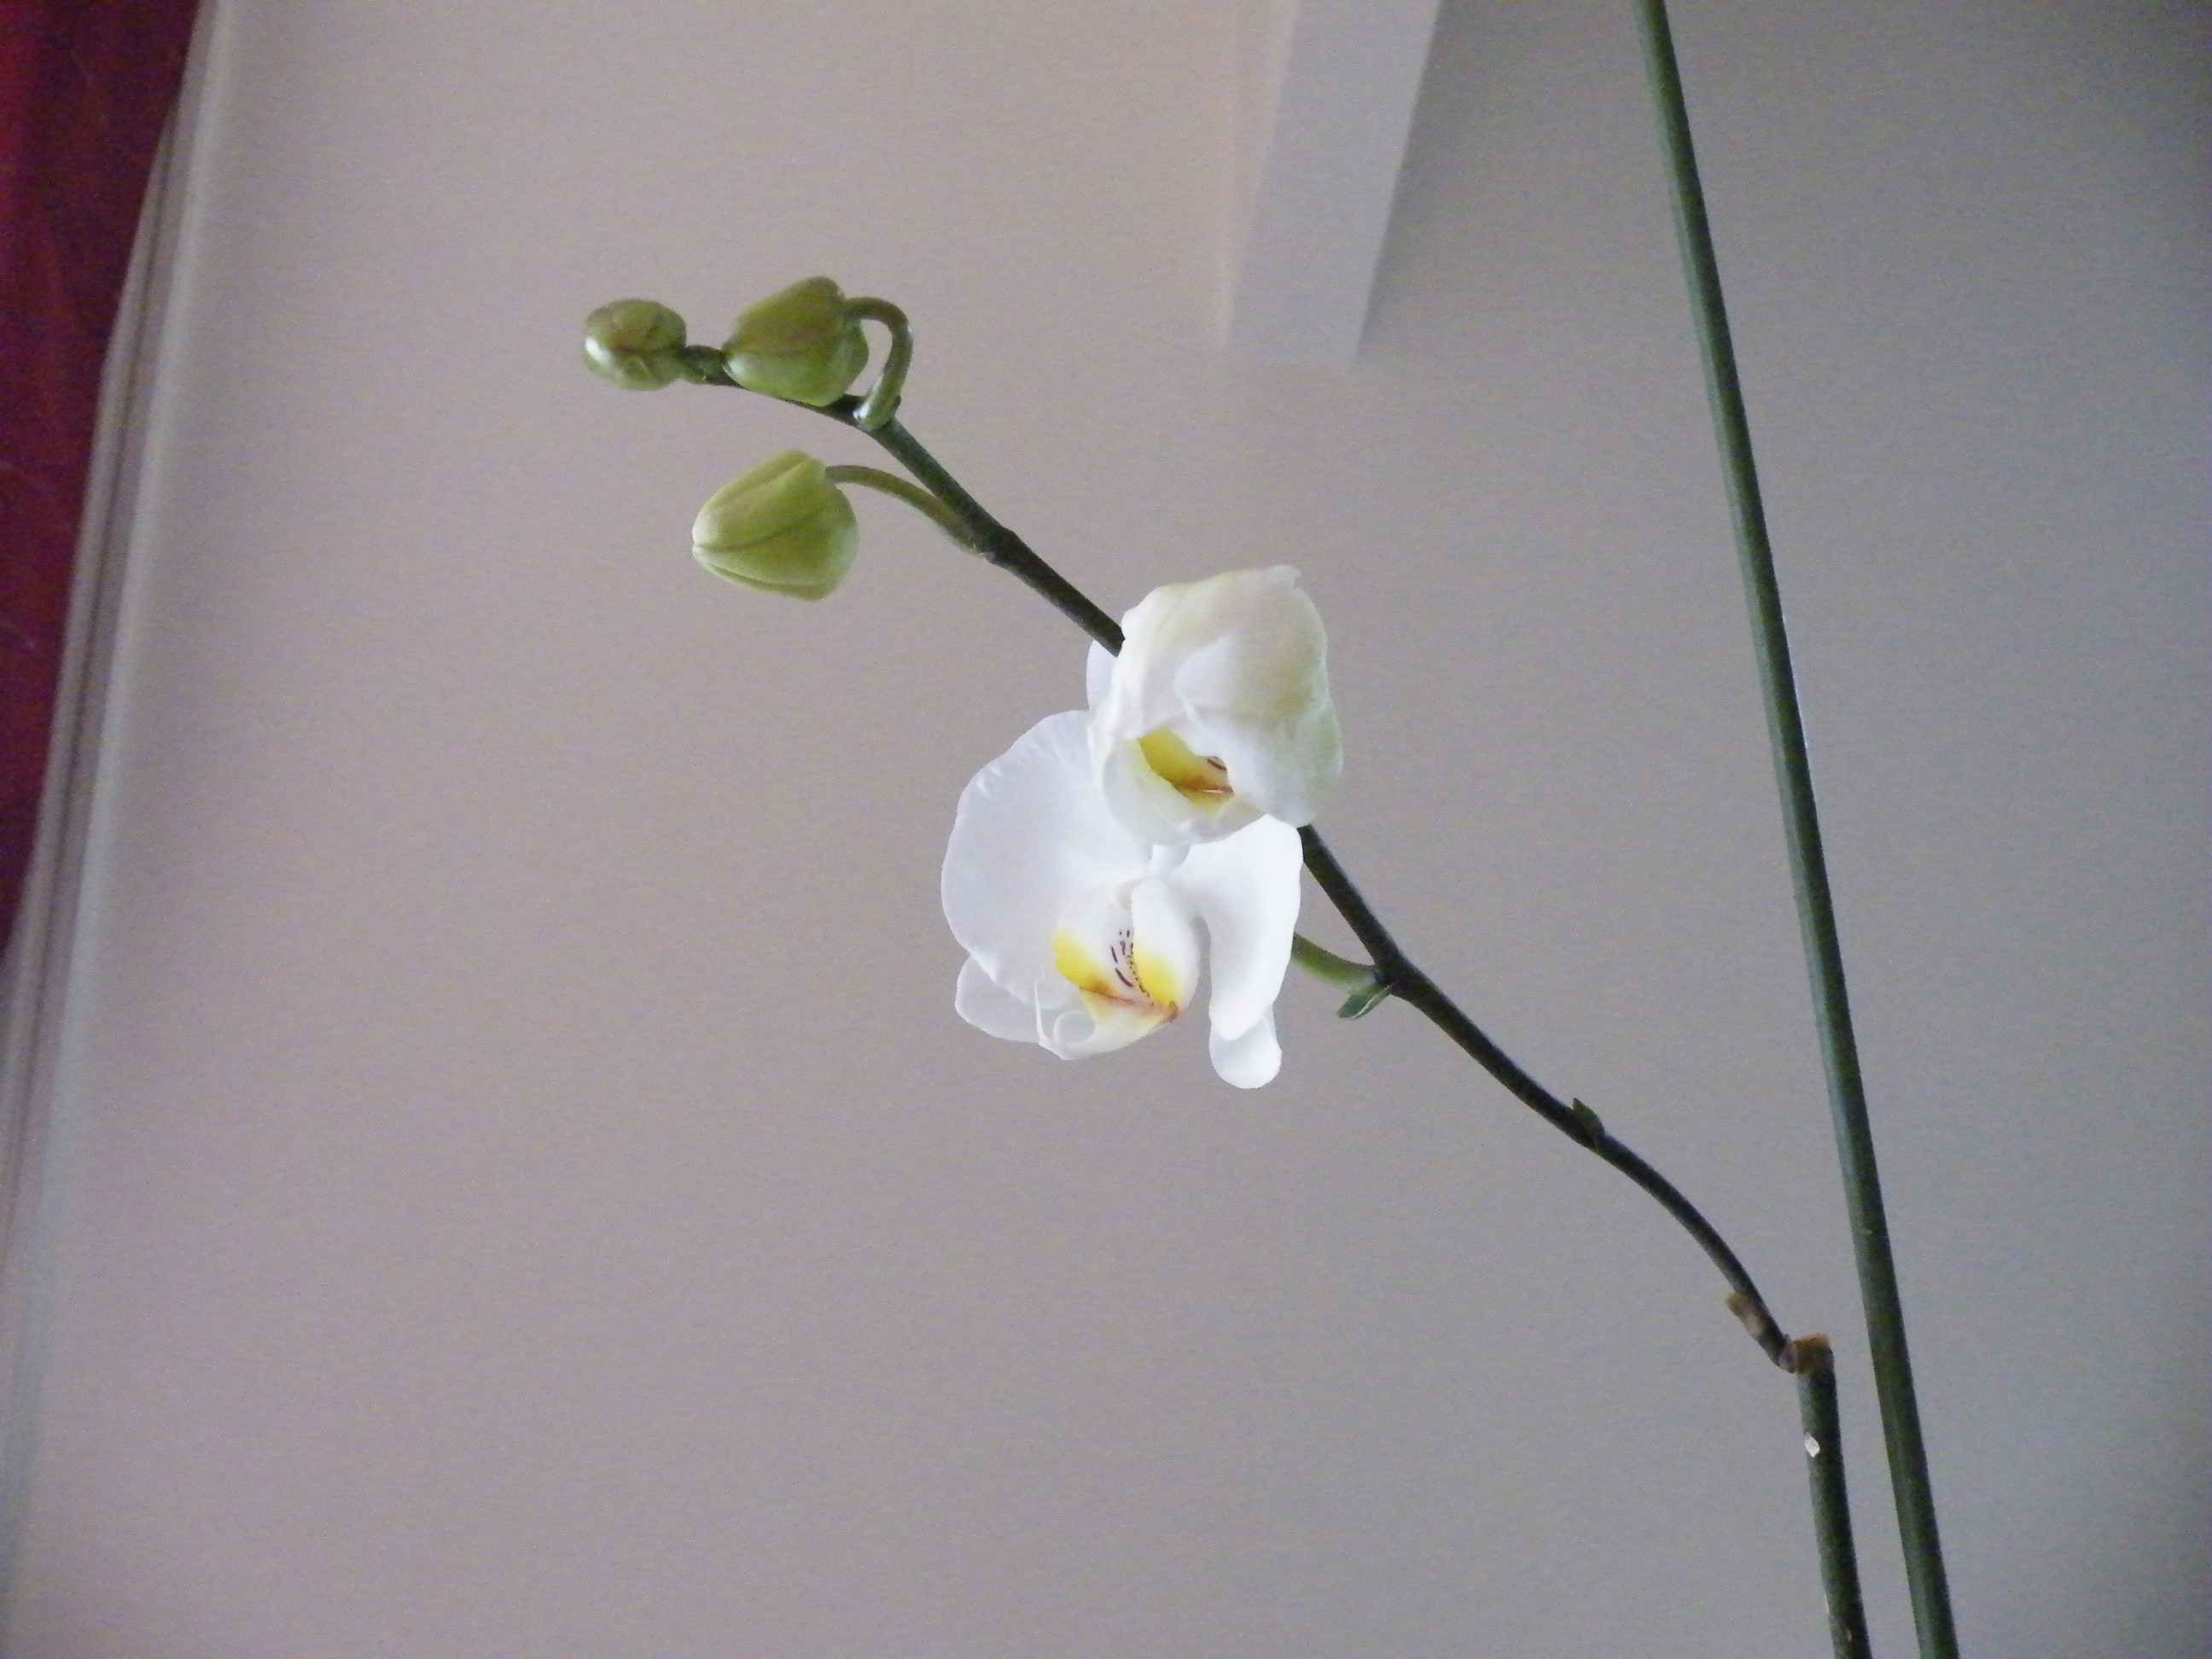 comment entretenir son orchidee - pousse d'une nouvelle tige